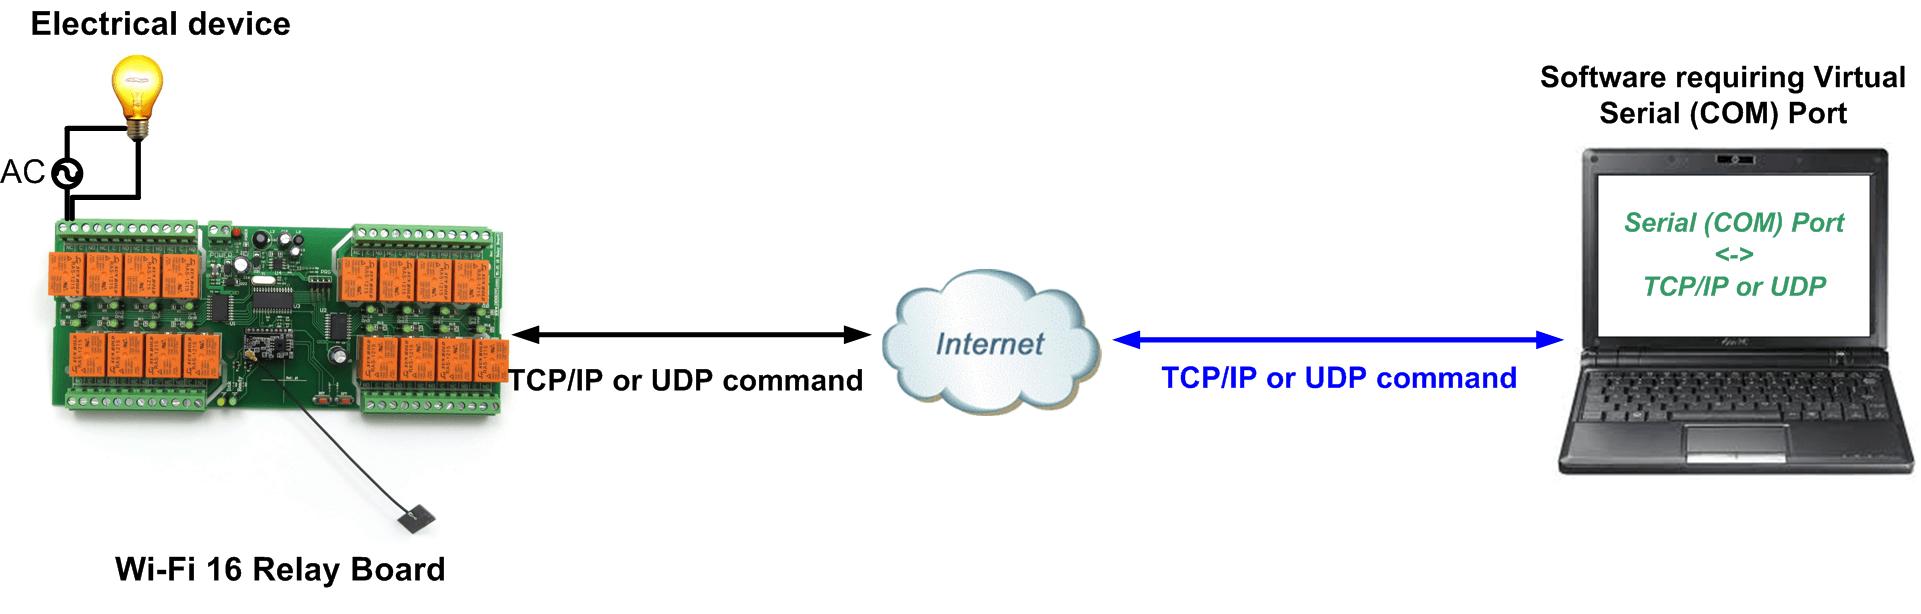 Control electrical devices via Virtual Serial (COM) Port